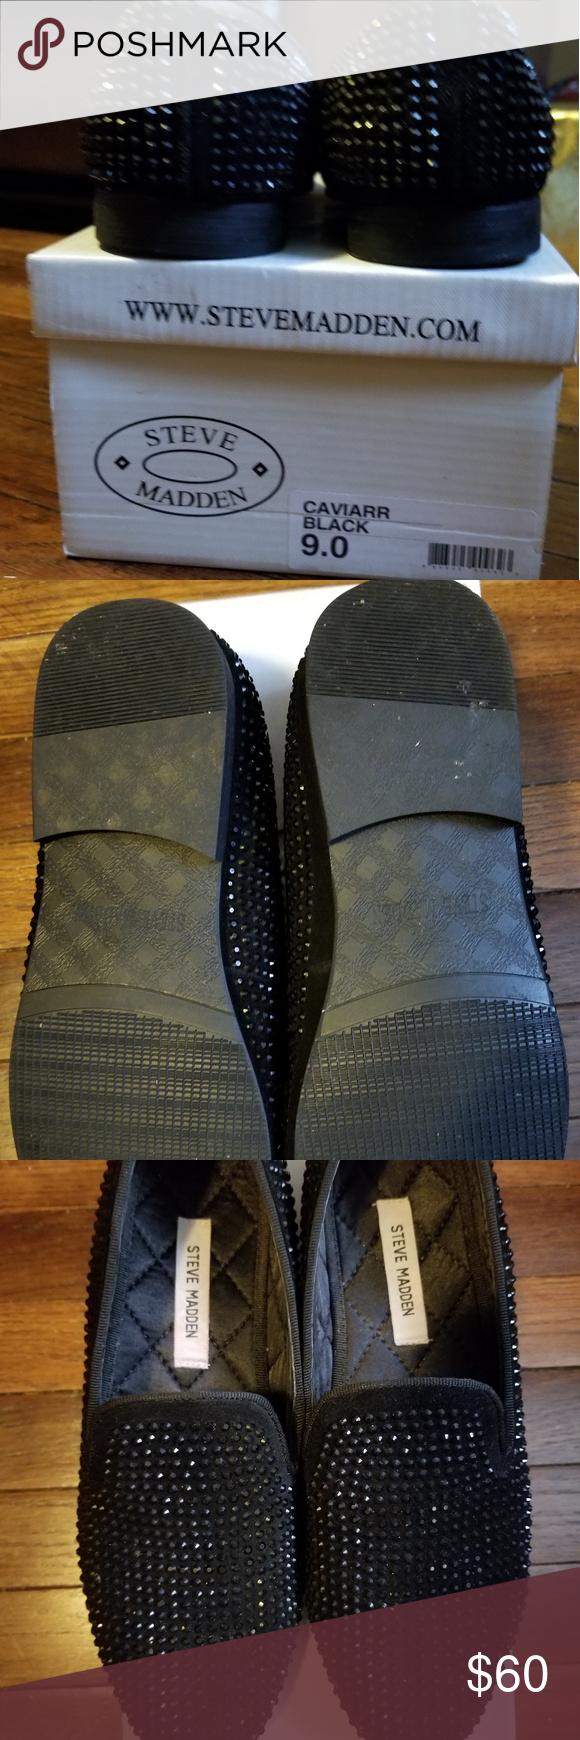 80ca712b50f Steve Madden's Men Dress Shoes (Size 9) Steve Madden's Caviarr ...